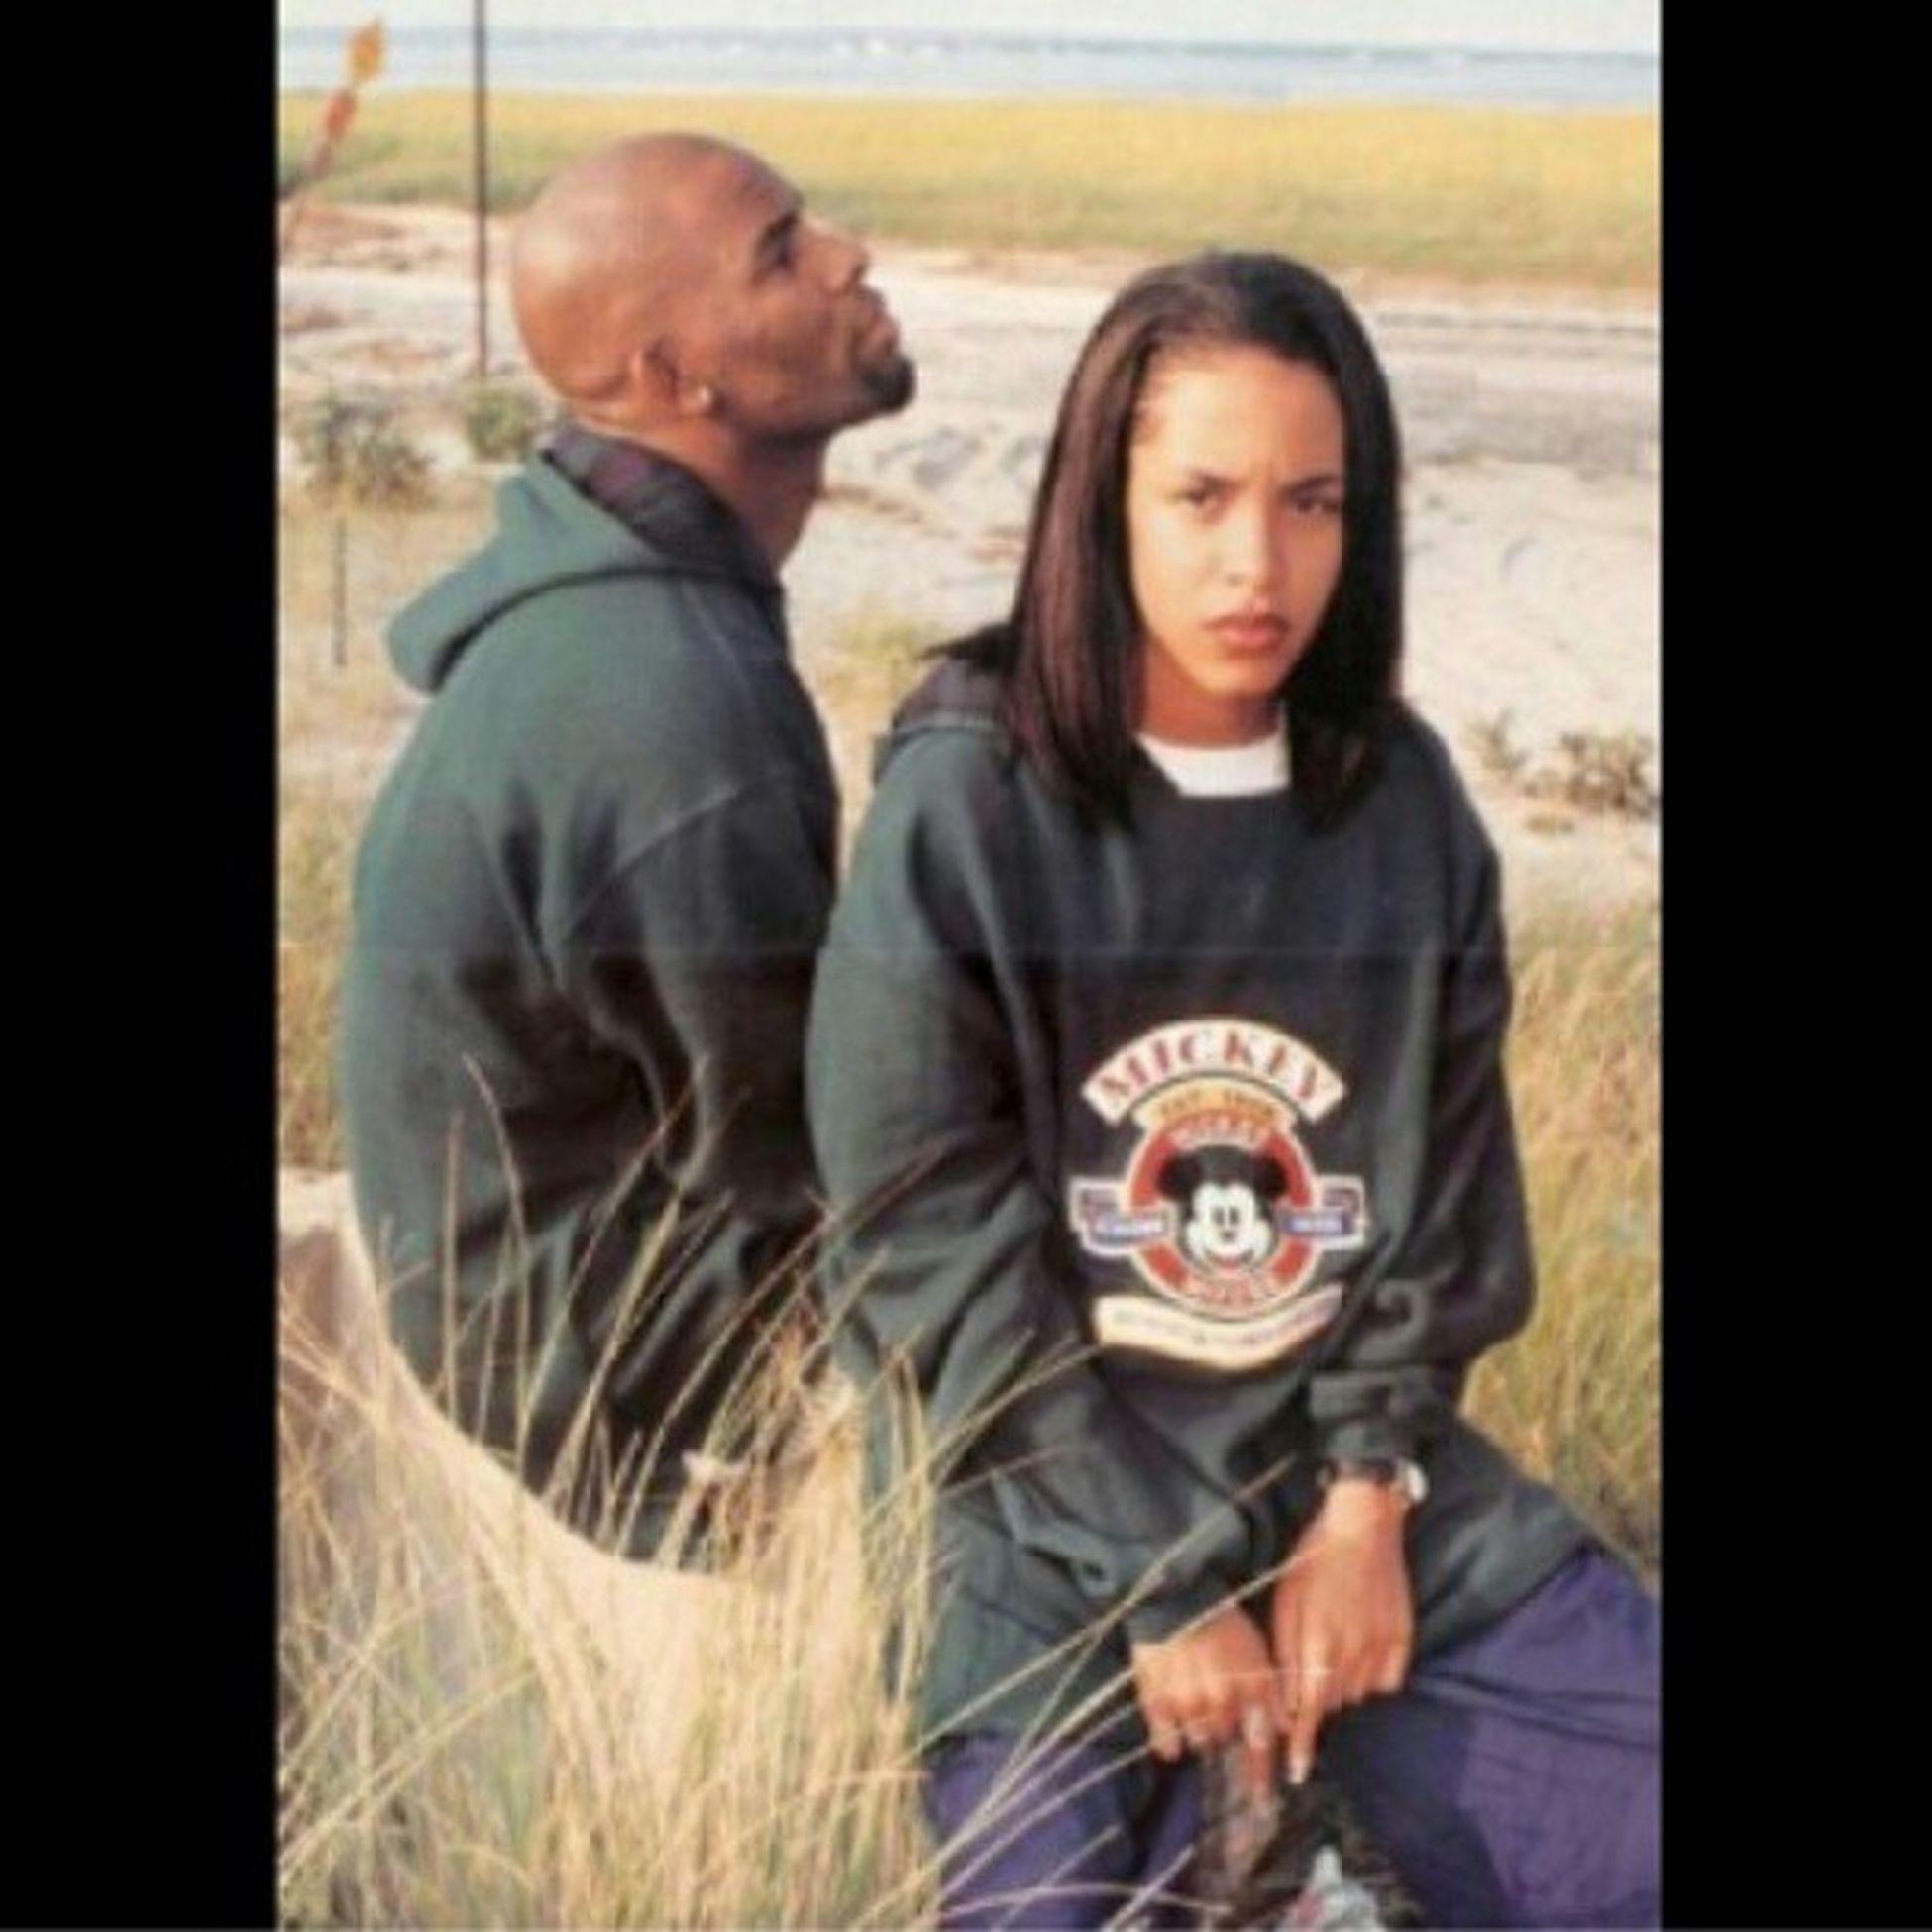 R .Kelly Aaliyah AgeAintNothingButANumber